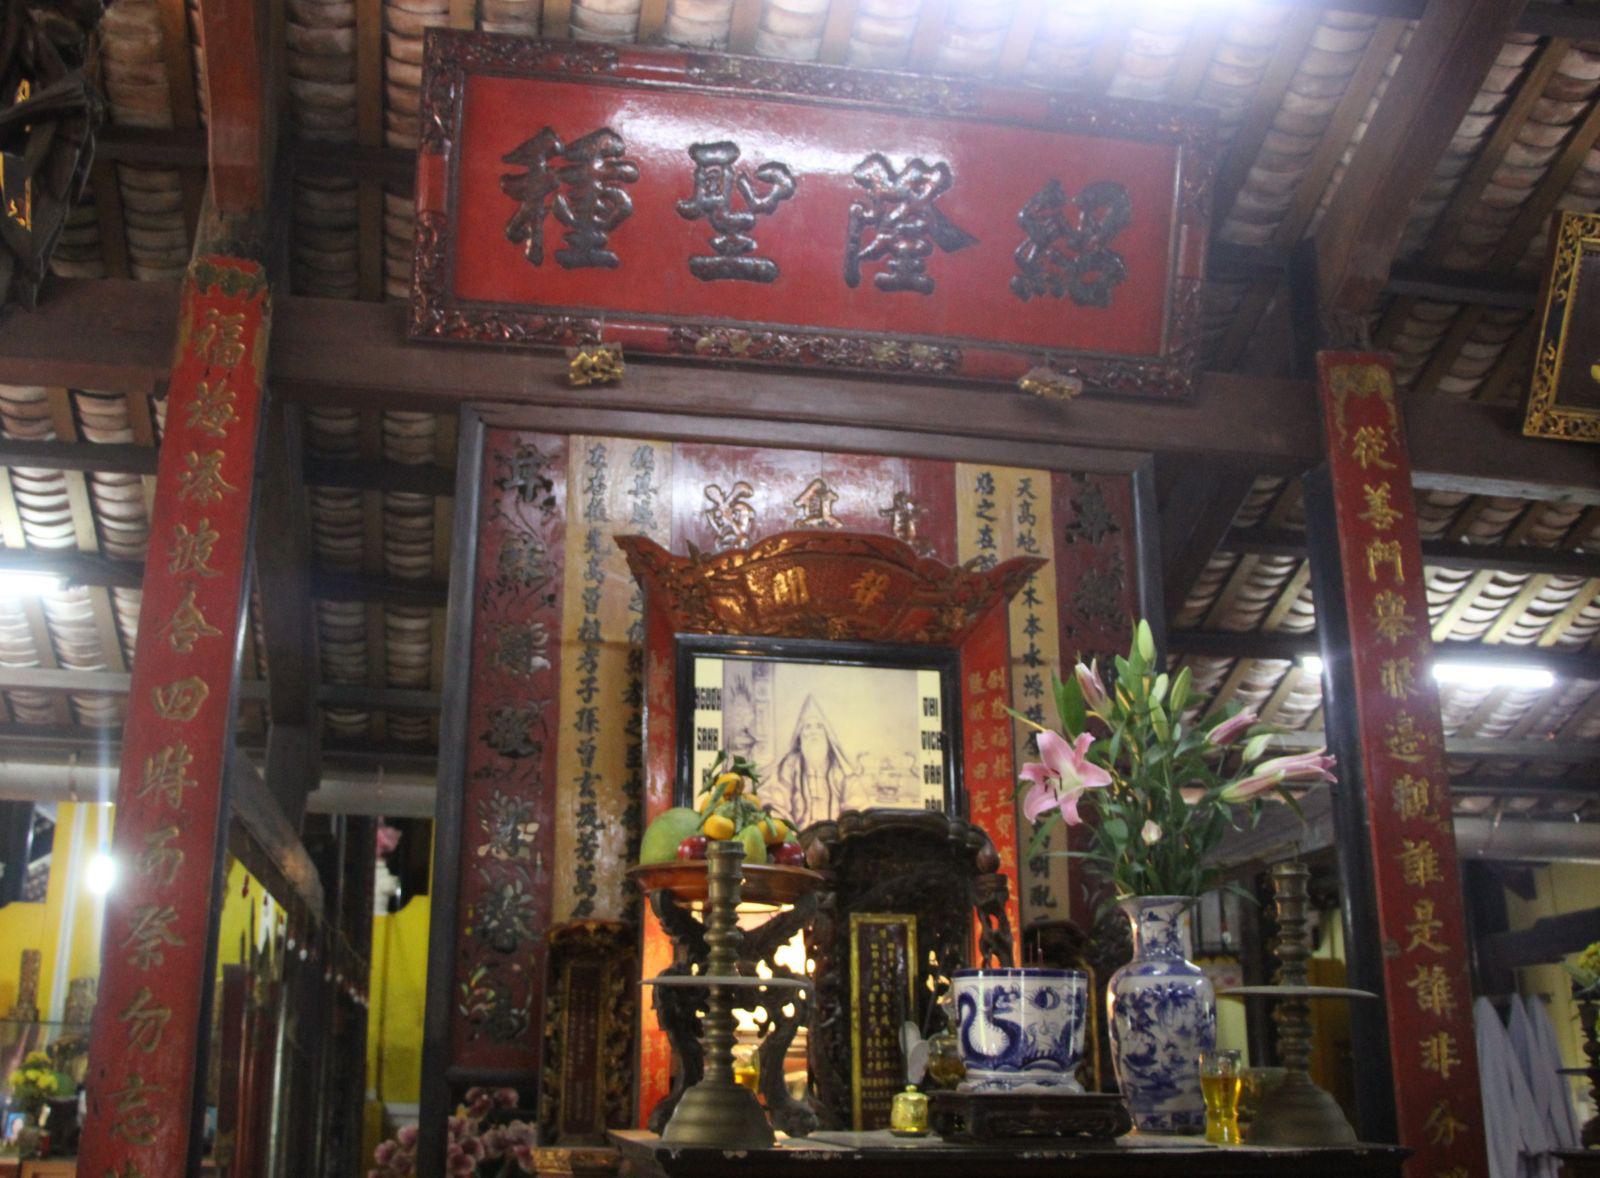 Long An: Một ấp nhỏ thôi mà lần lượt mọc lên 4 ngôi chùa, chùa nào là chùa quan trọng nhất? - Ảnh 7.